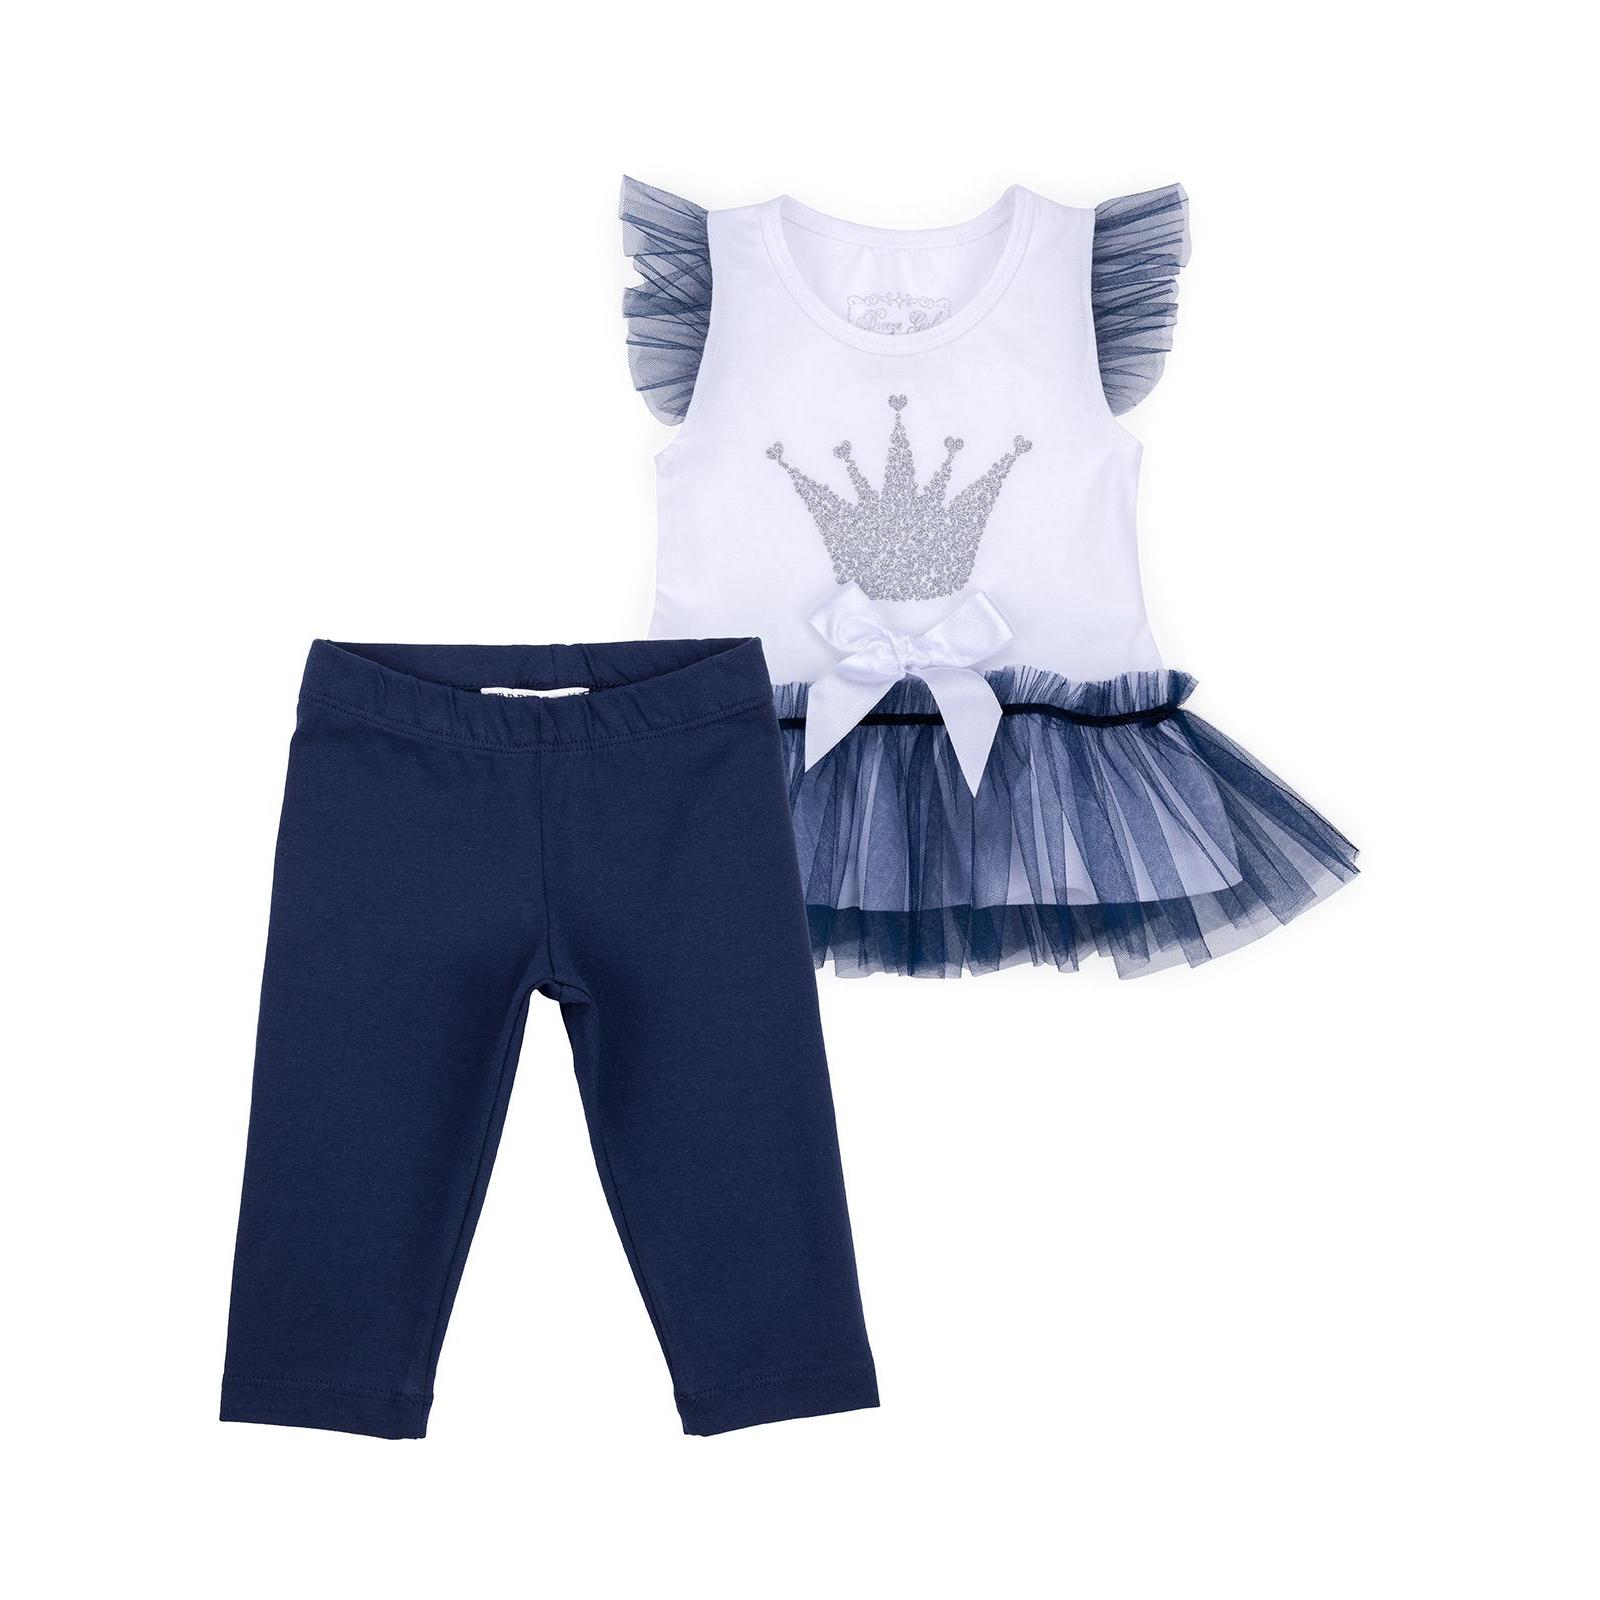 Набор детской одежды Breeze с коронкой (10869-110G-blue)